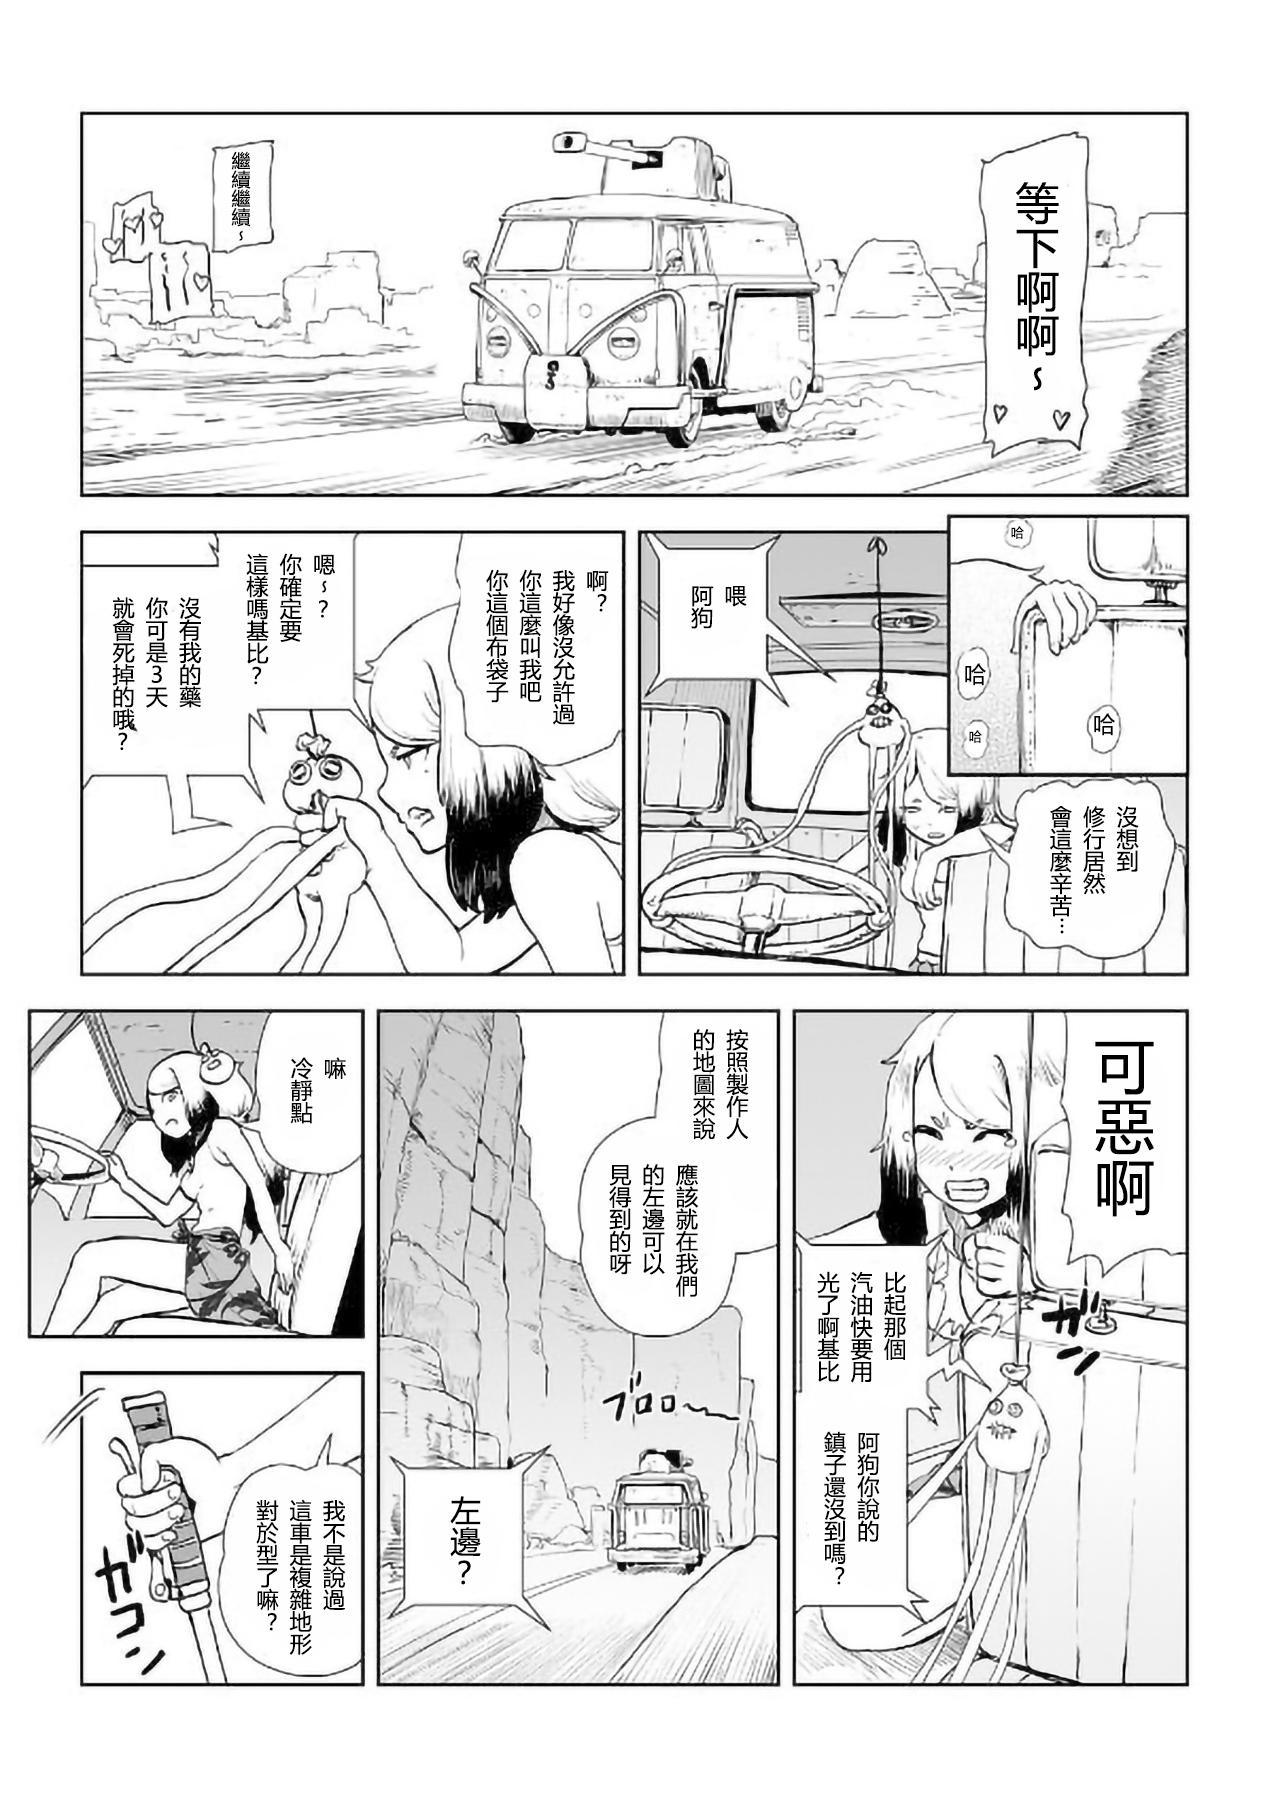 MOMO! Daiyonwa Youkoso Oniland no Maki 3